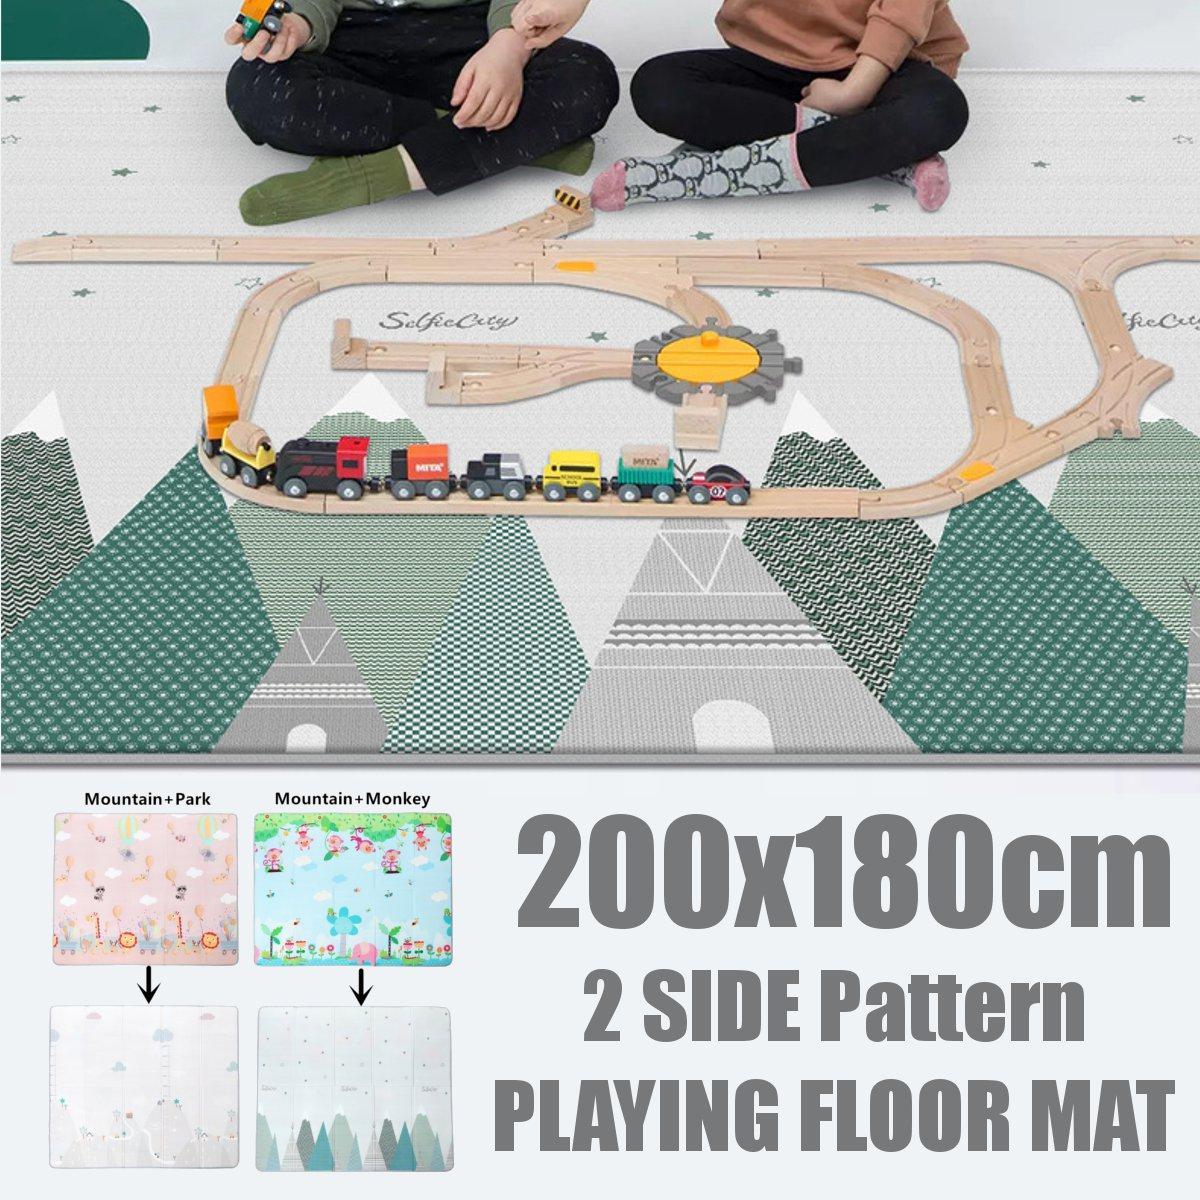 Pliable LDPE dessin animé bébé tapis de jeu 200*180cm enfants Puzzle tapis bébé ramper tapis de jeu enfants tapis bébé jeux tapis